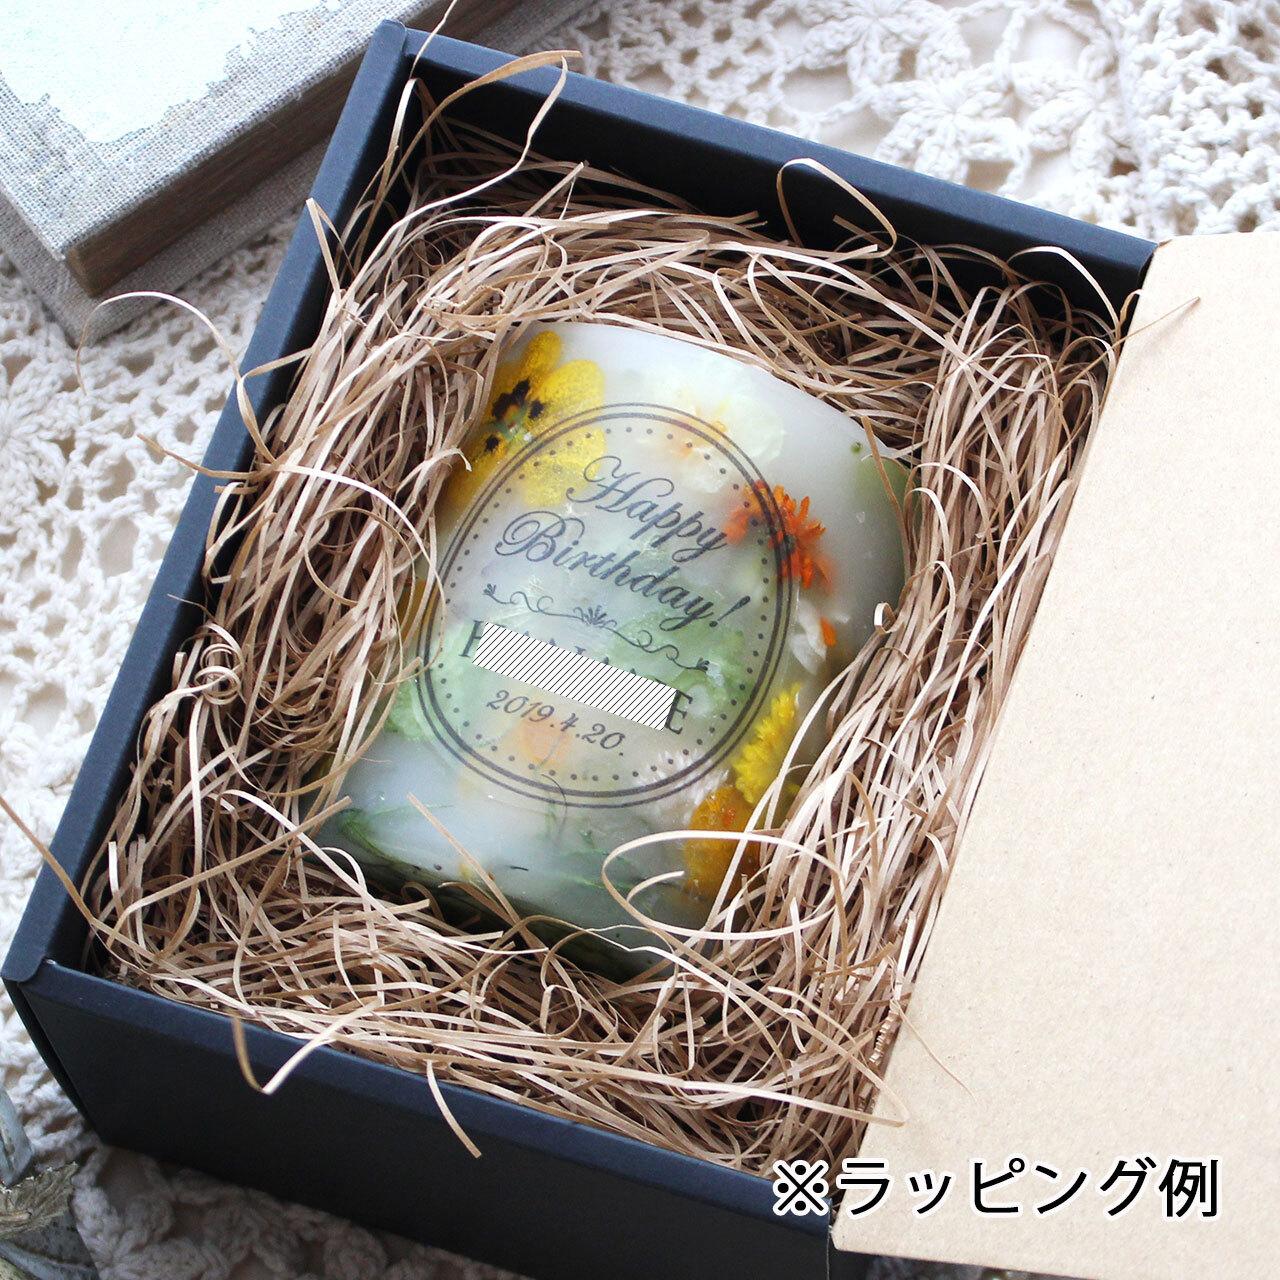 NC279 ギフトラッピング付き☆メッセージ&日付&名入れボタニカルキャンドル ローズ